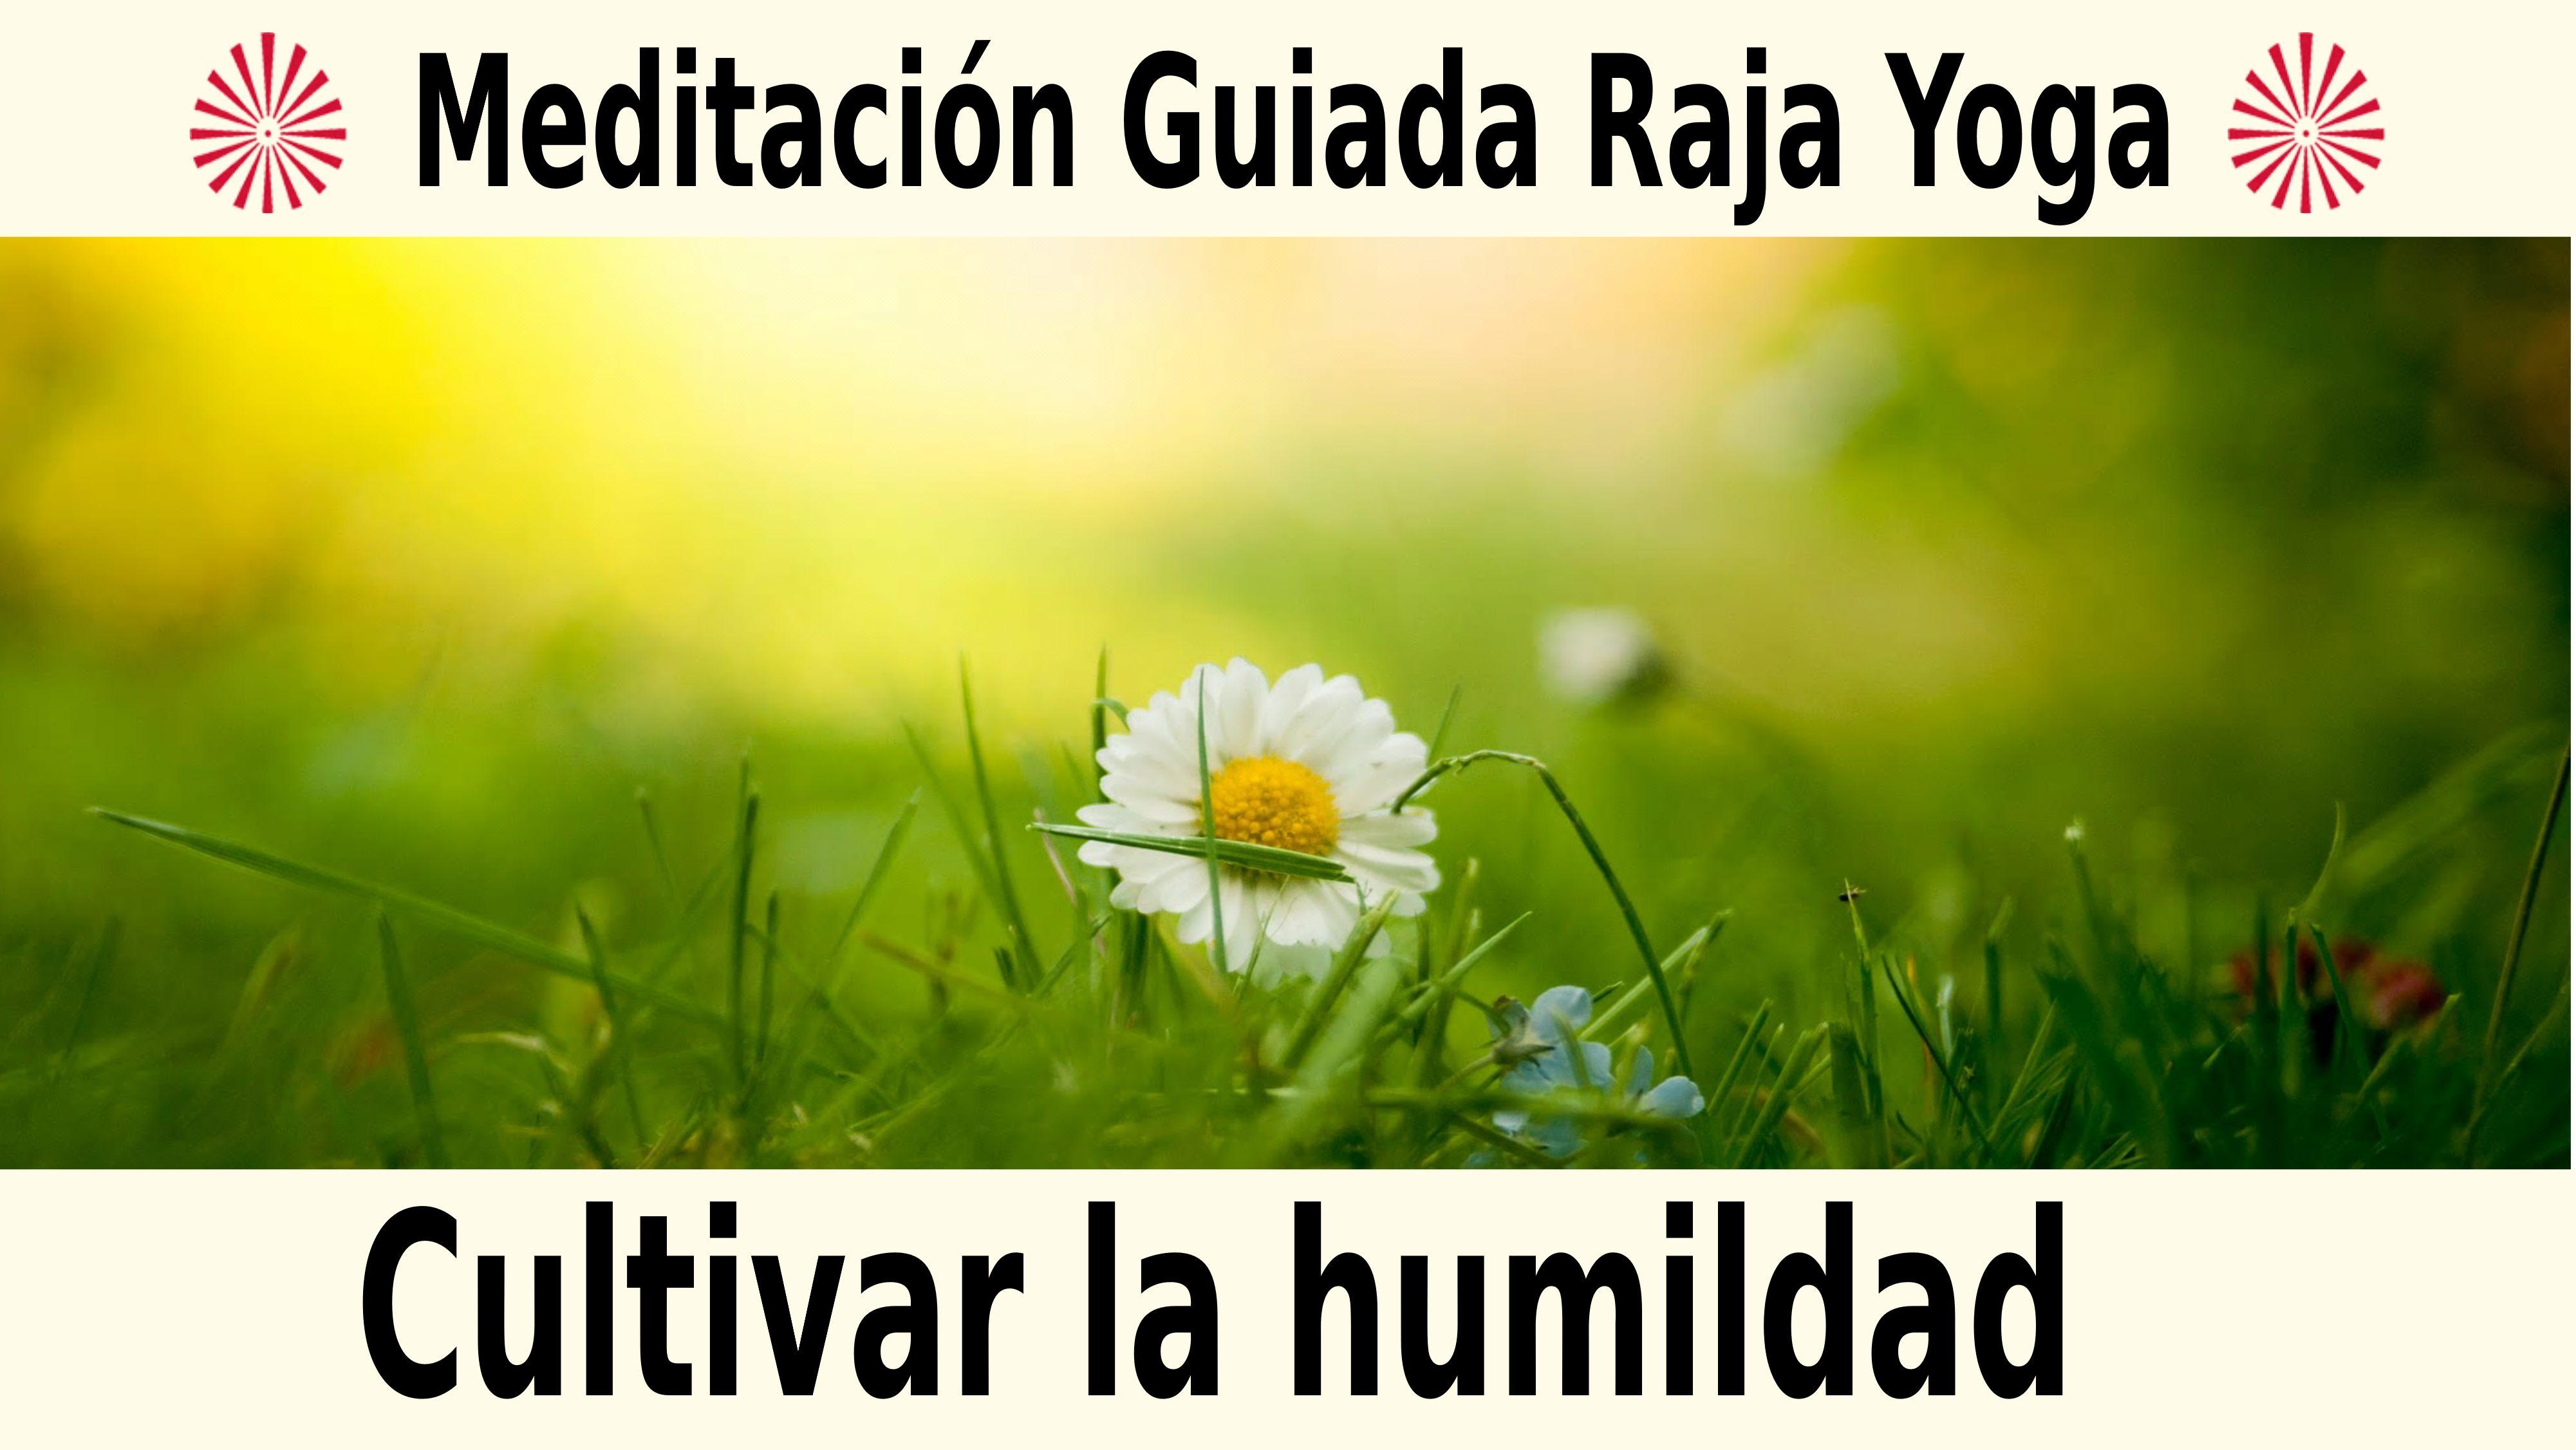 6 Noviembre 2020  Meditación guiada: Cultivar la humildad